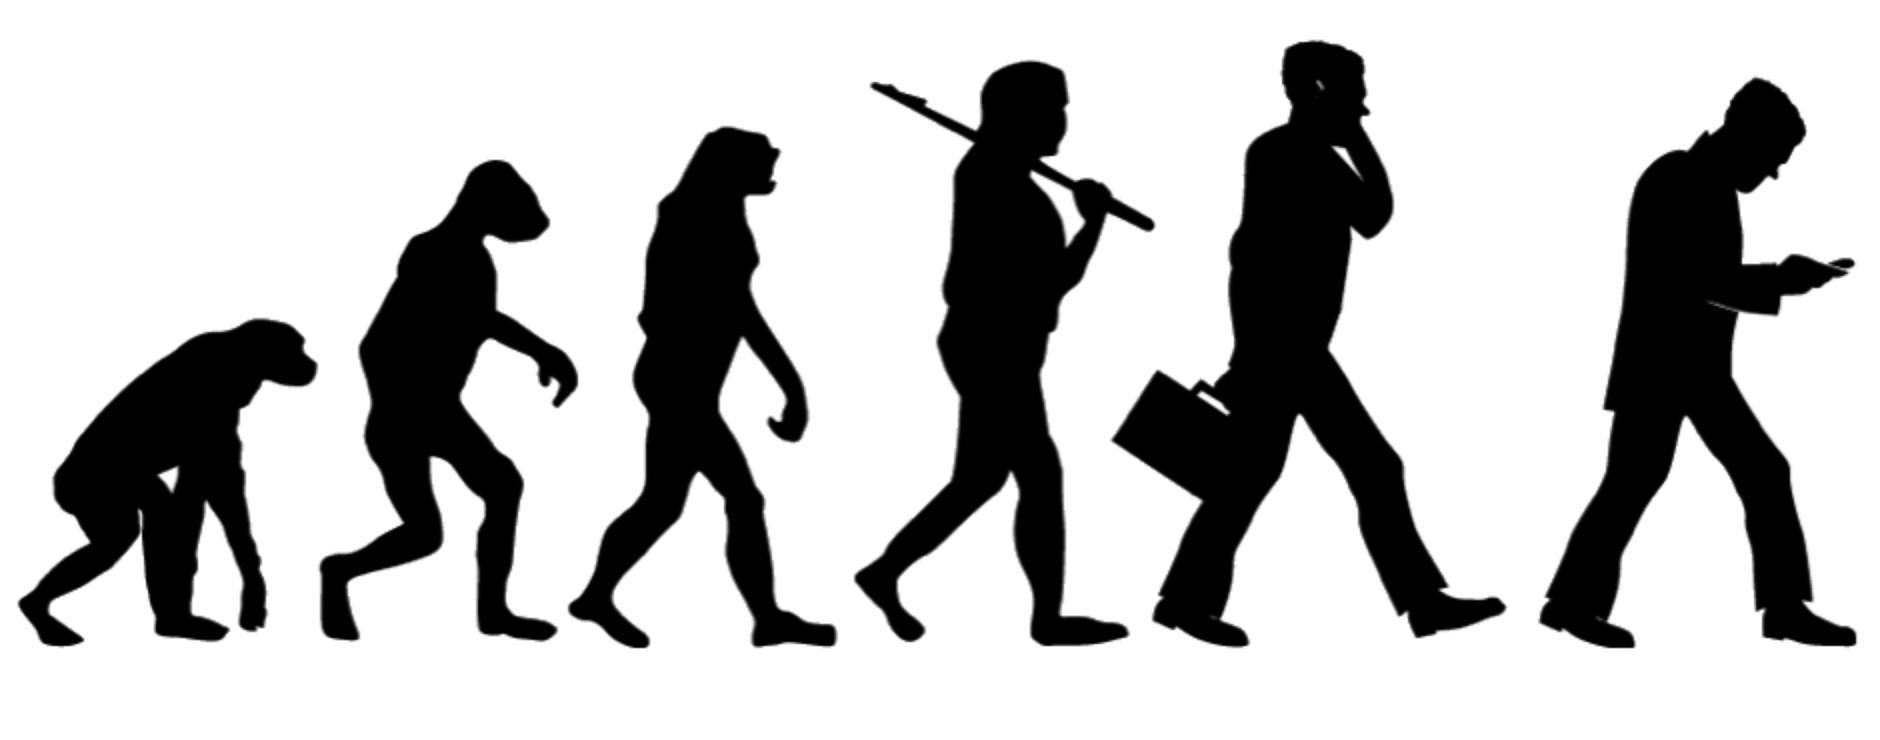 10 mýtů, omylů a přebreptů ohledně evoluce